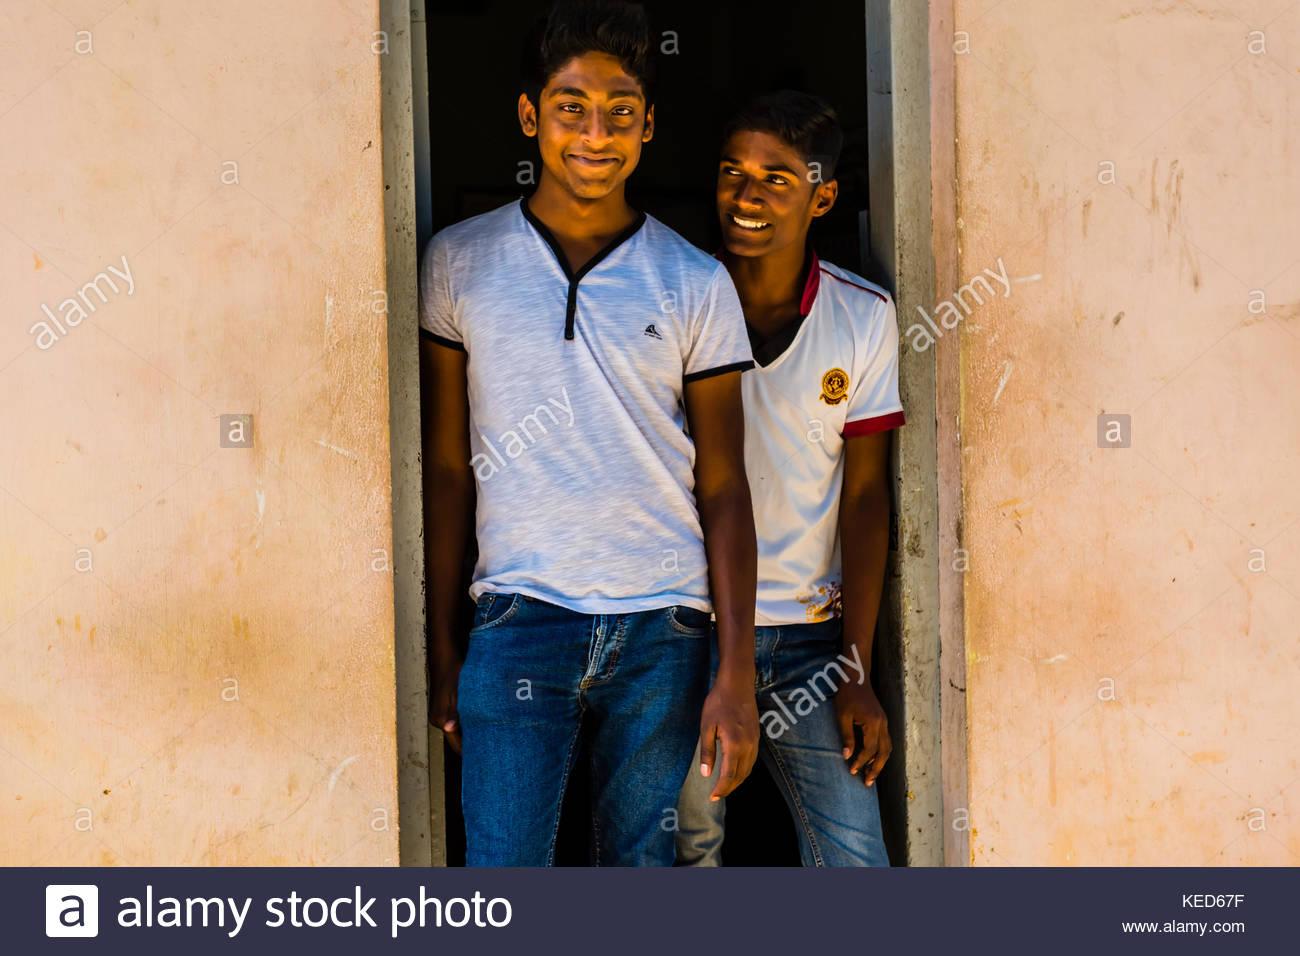 nuwara eliya guys Gamini central college, nuwara eliya 254 likes 3 talking about this අපදාන සෝභිණී පඤඤා.